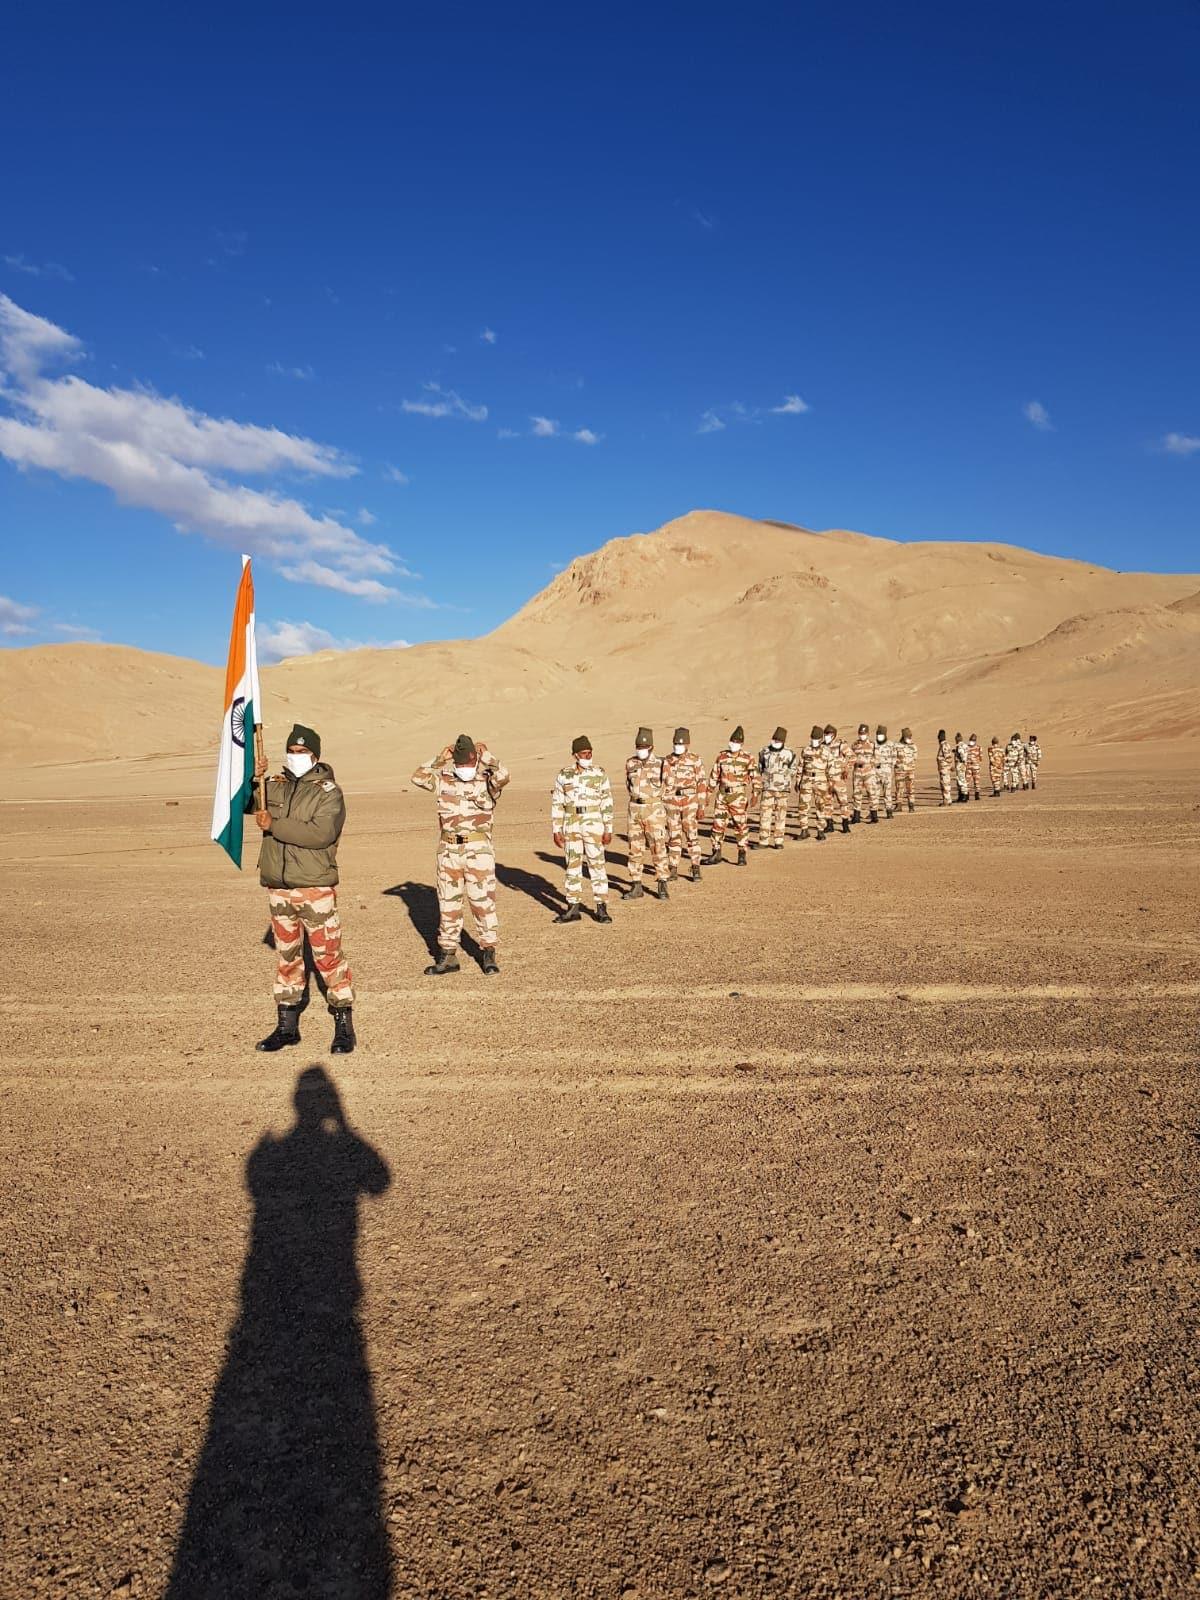 इंडो-तिबेट सीमा पोलीस (आयटीबीपी) जवानांनी स्वातंत्र्य दिन साजरा केला आहे.